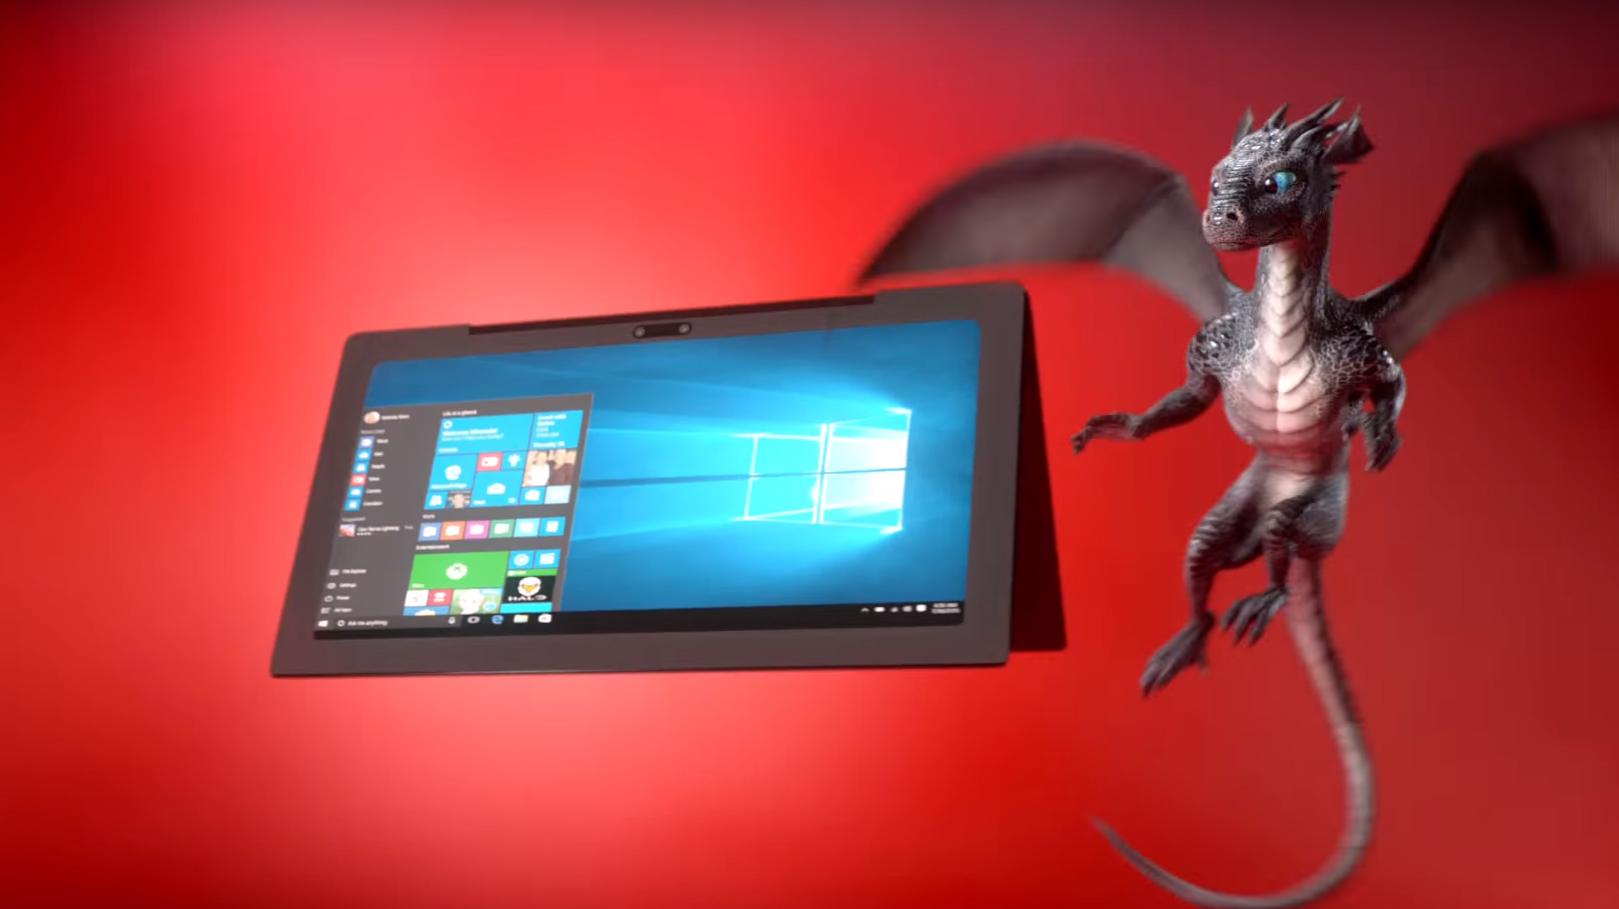 Snart dukker Snapdragon 835 opp i Windows 10-PC-er